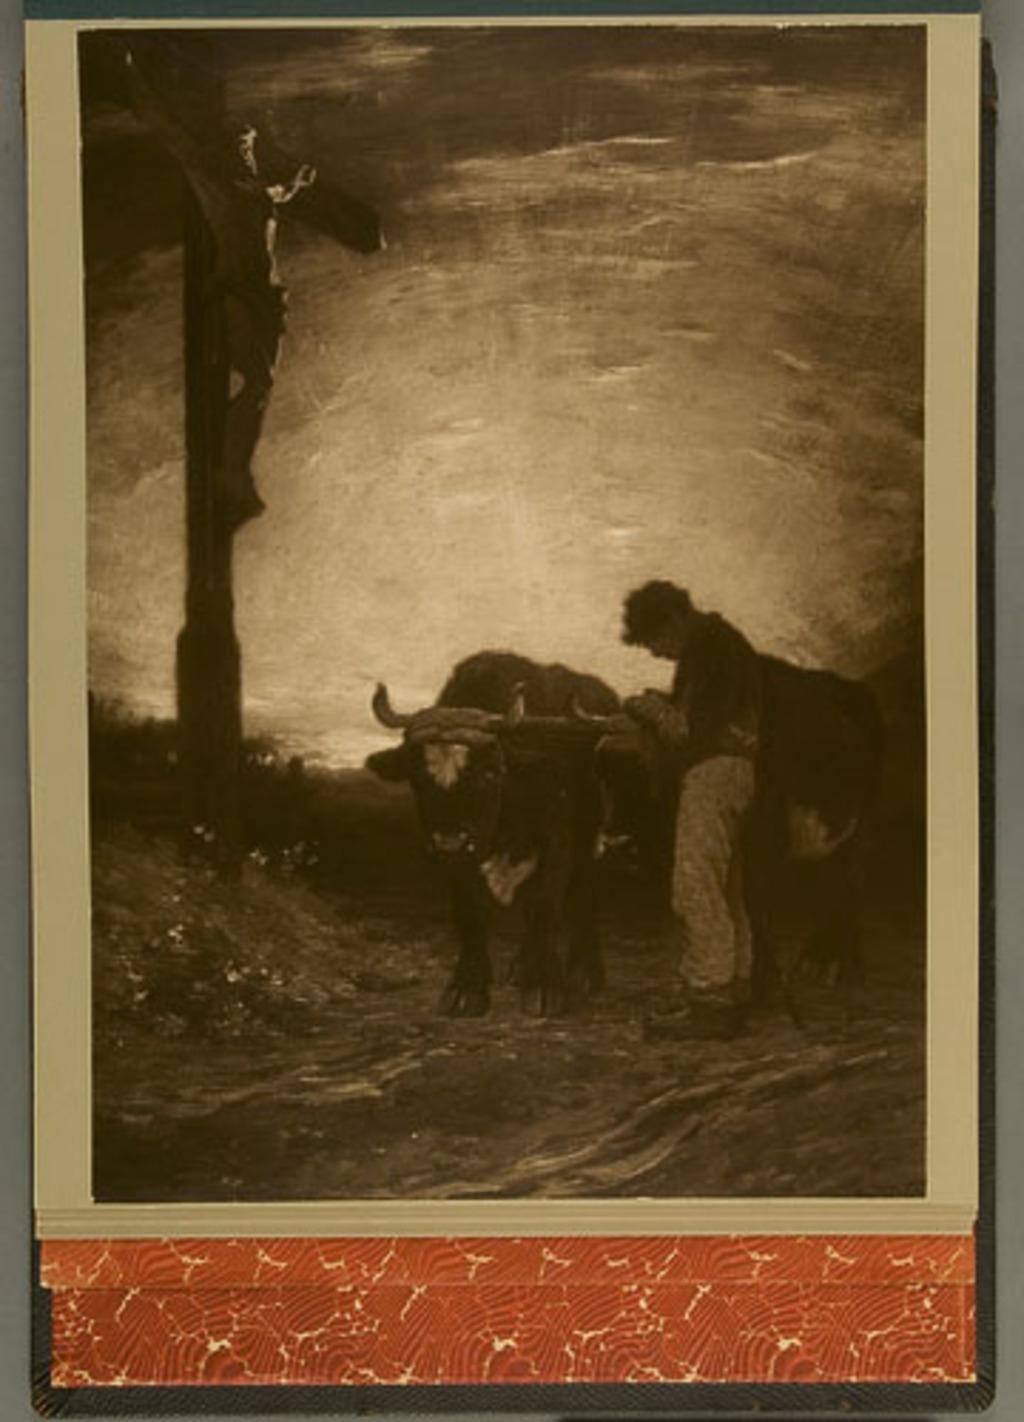 Ave Maria, de l'album de reproductions de peintures d'Horatio Walker